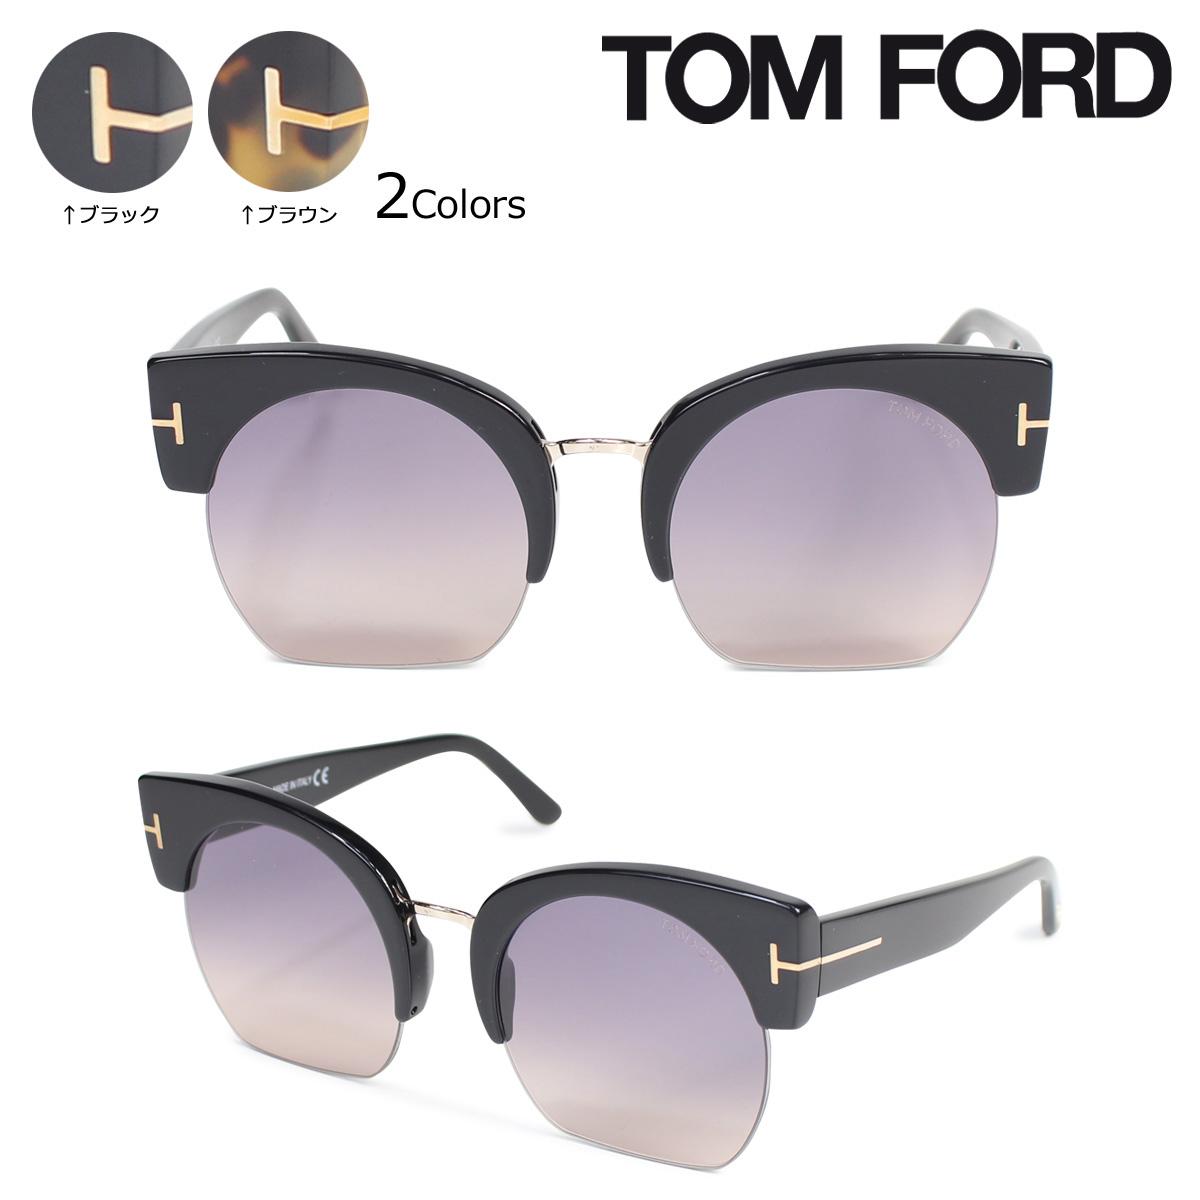 TOM FORDトムフォード サングラス メガネ メンズ レディース アイウェア FT0552 SAVANNAH SUNGLASSES 2カラー [177]